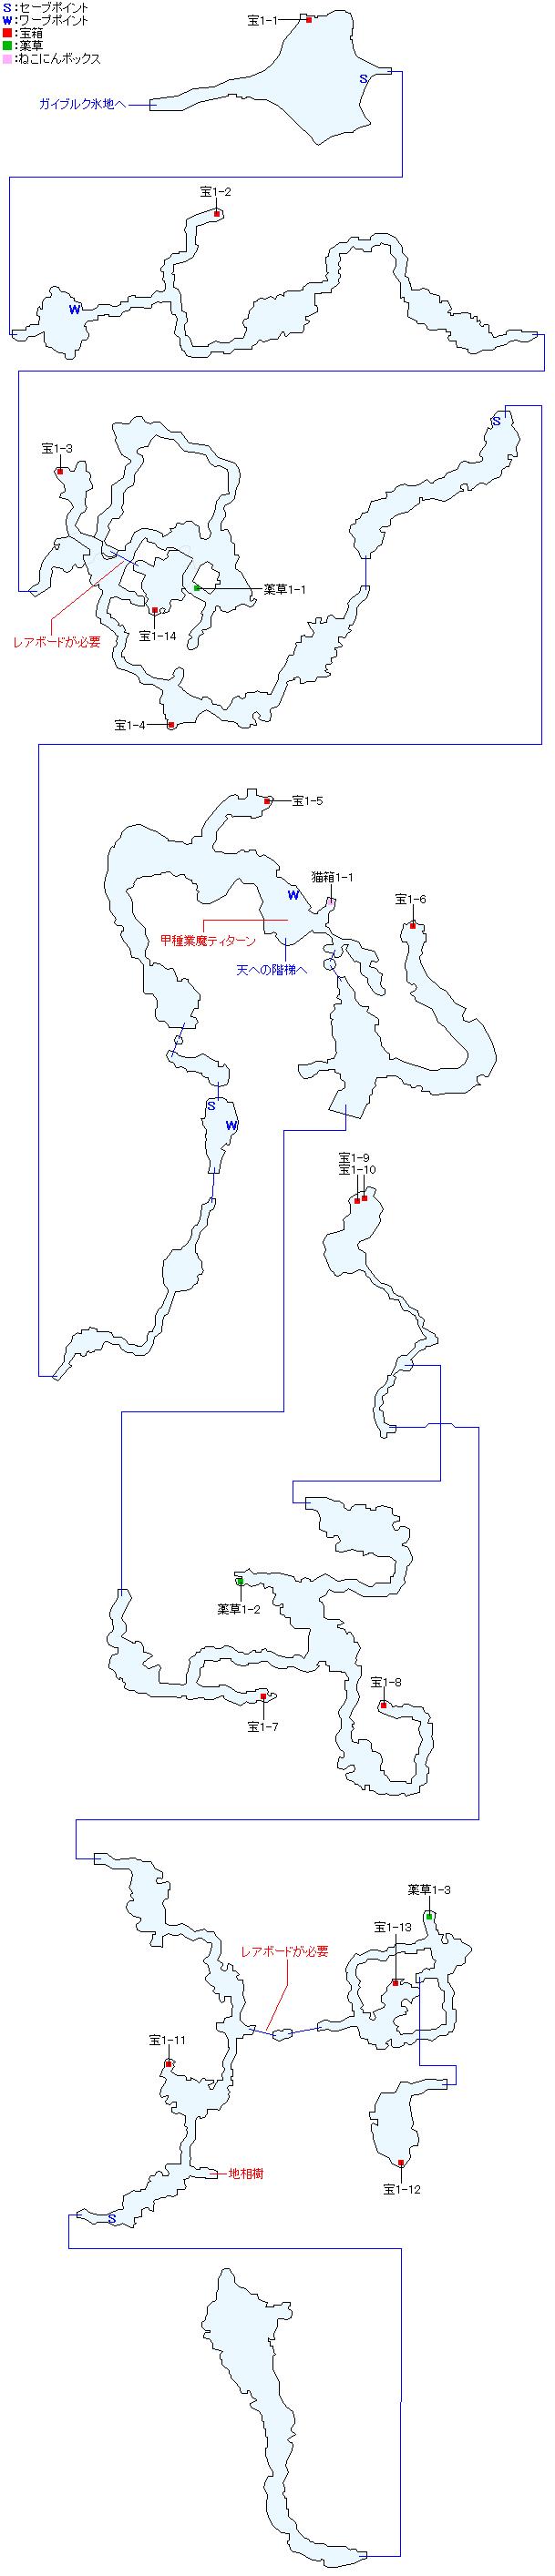 マップ画像・キララウス火山